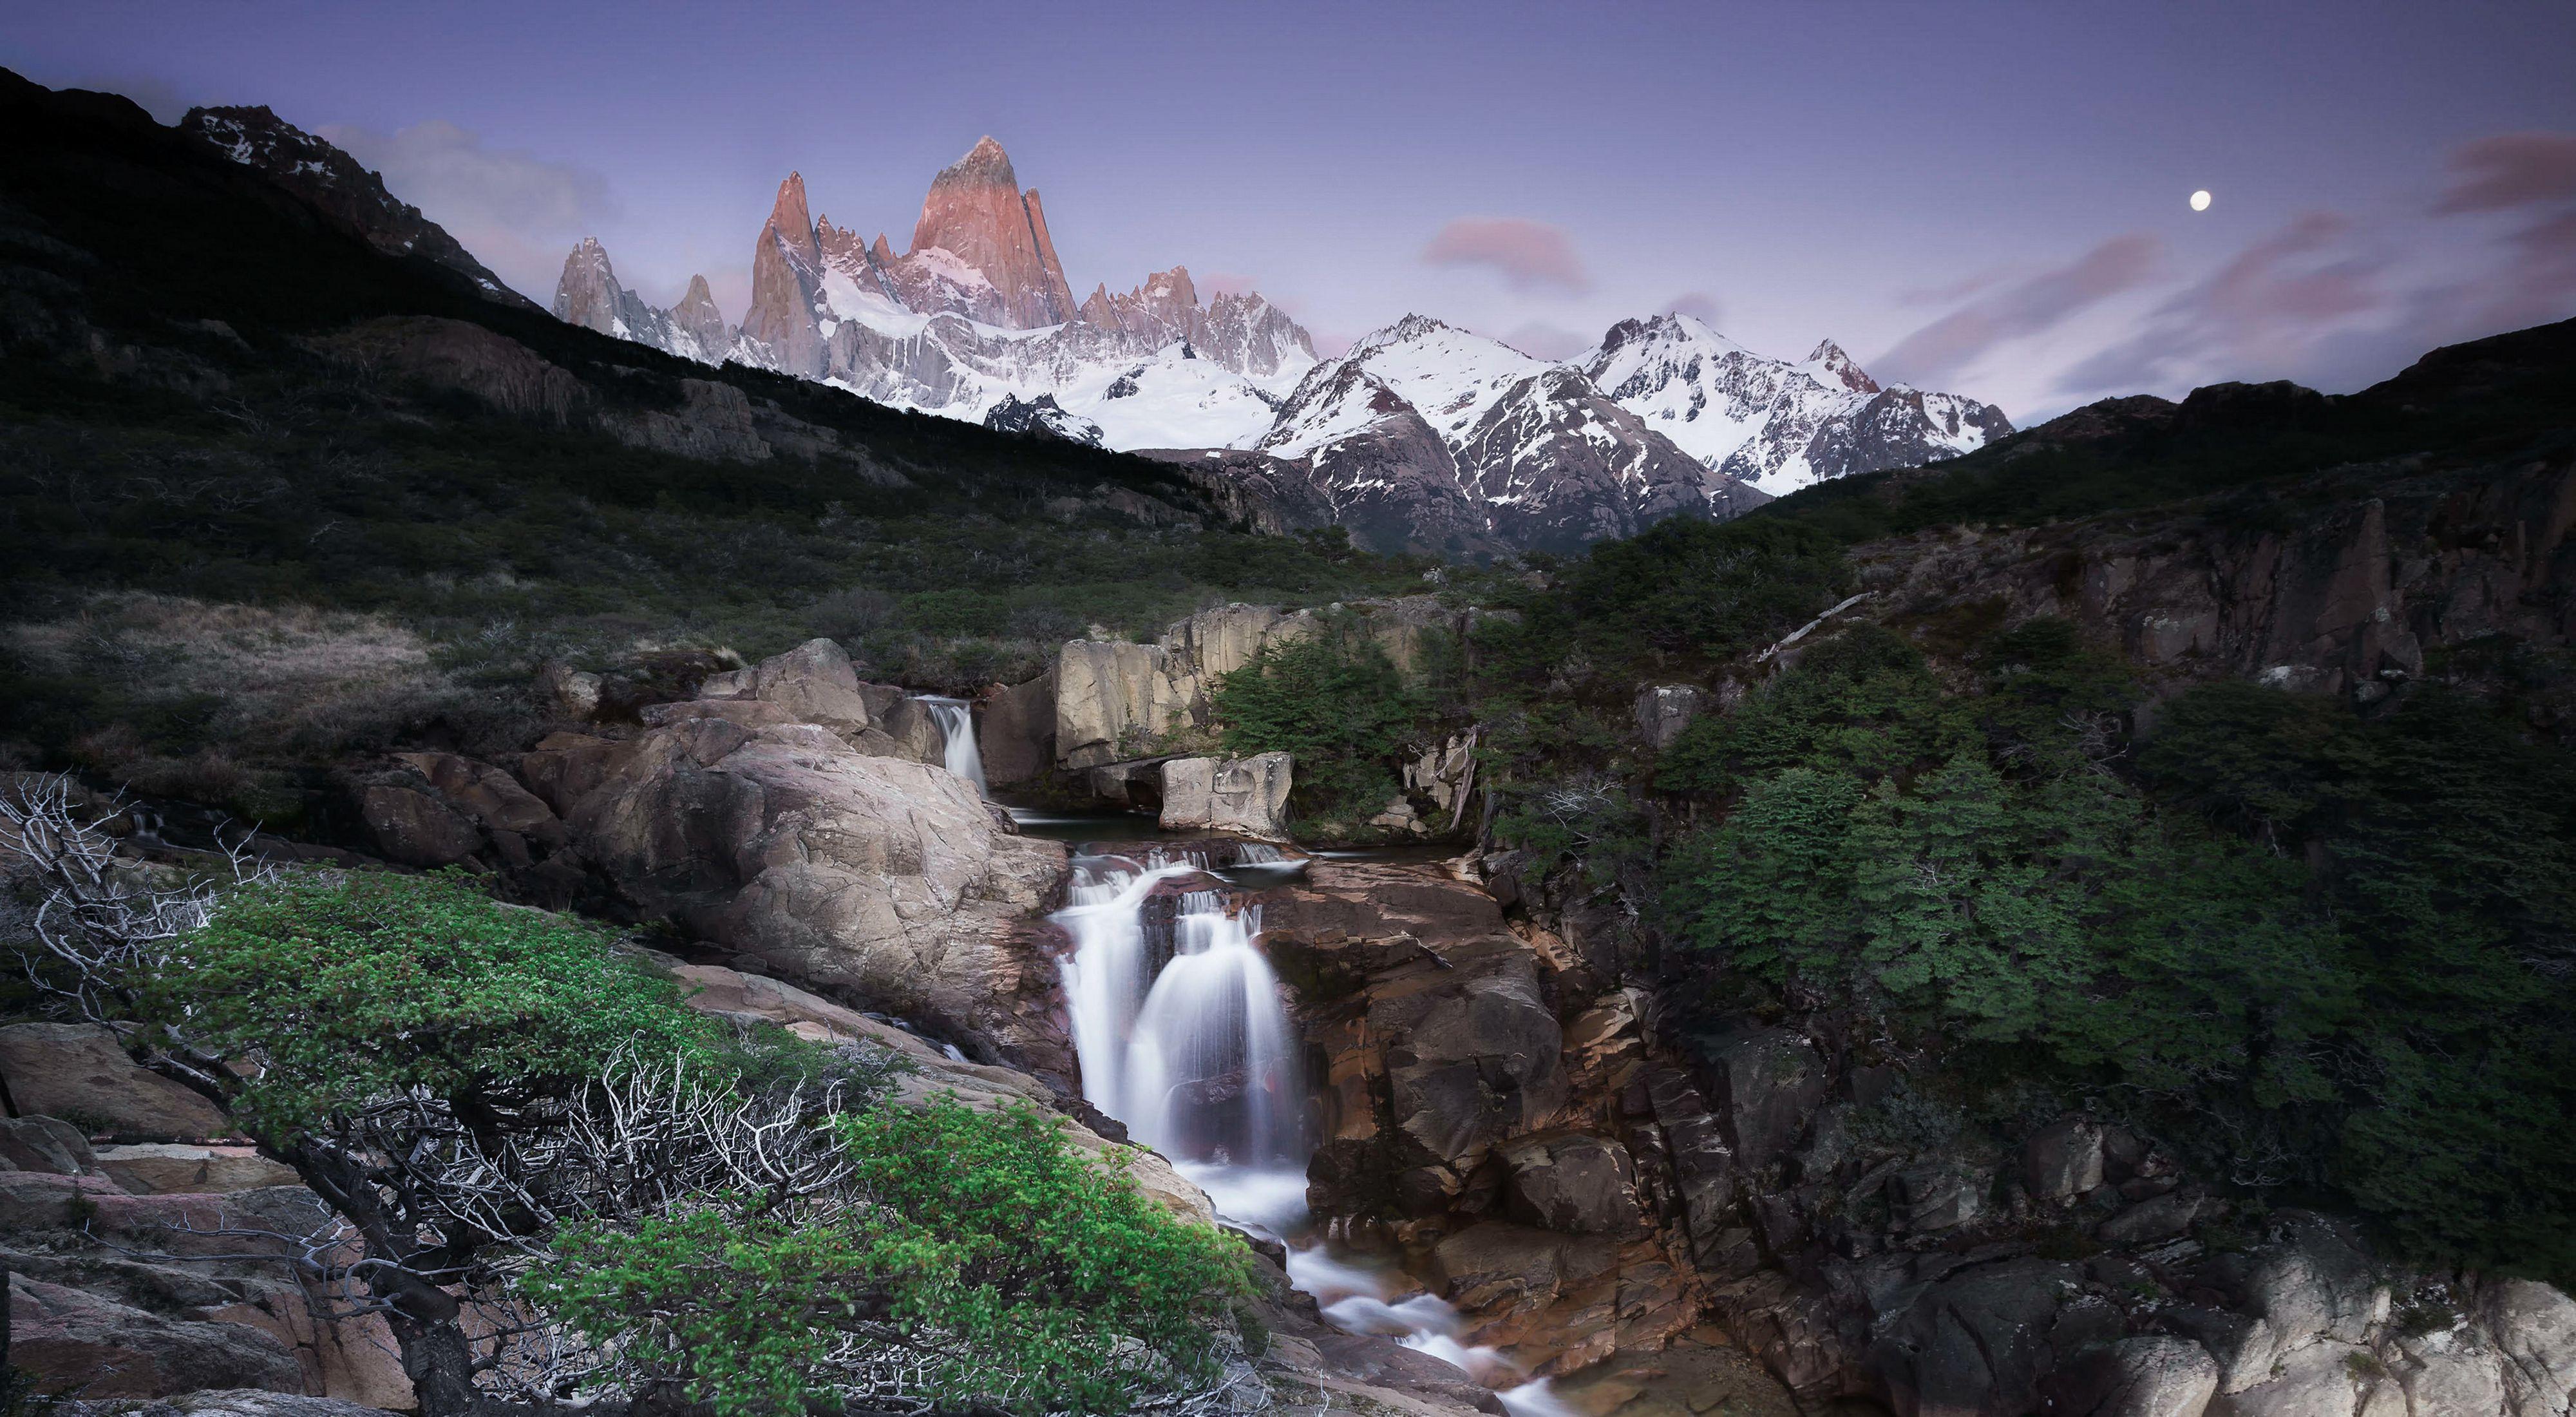 El Chaltén, Patagonia Argentina 2018